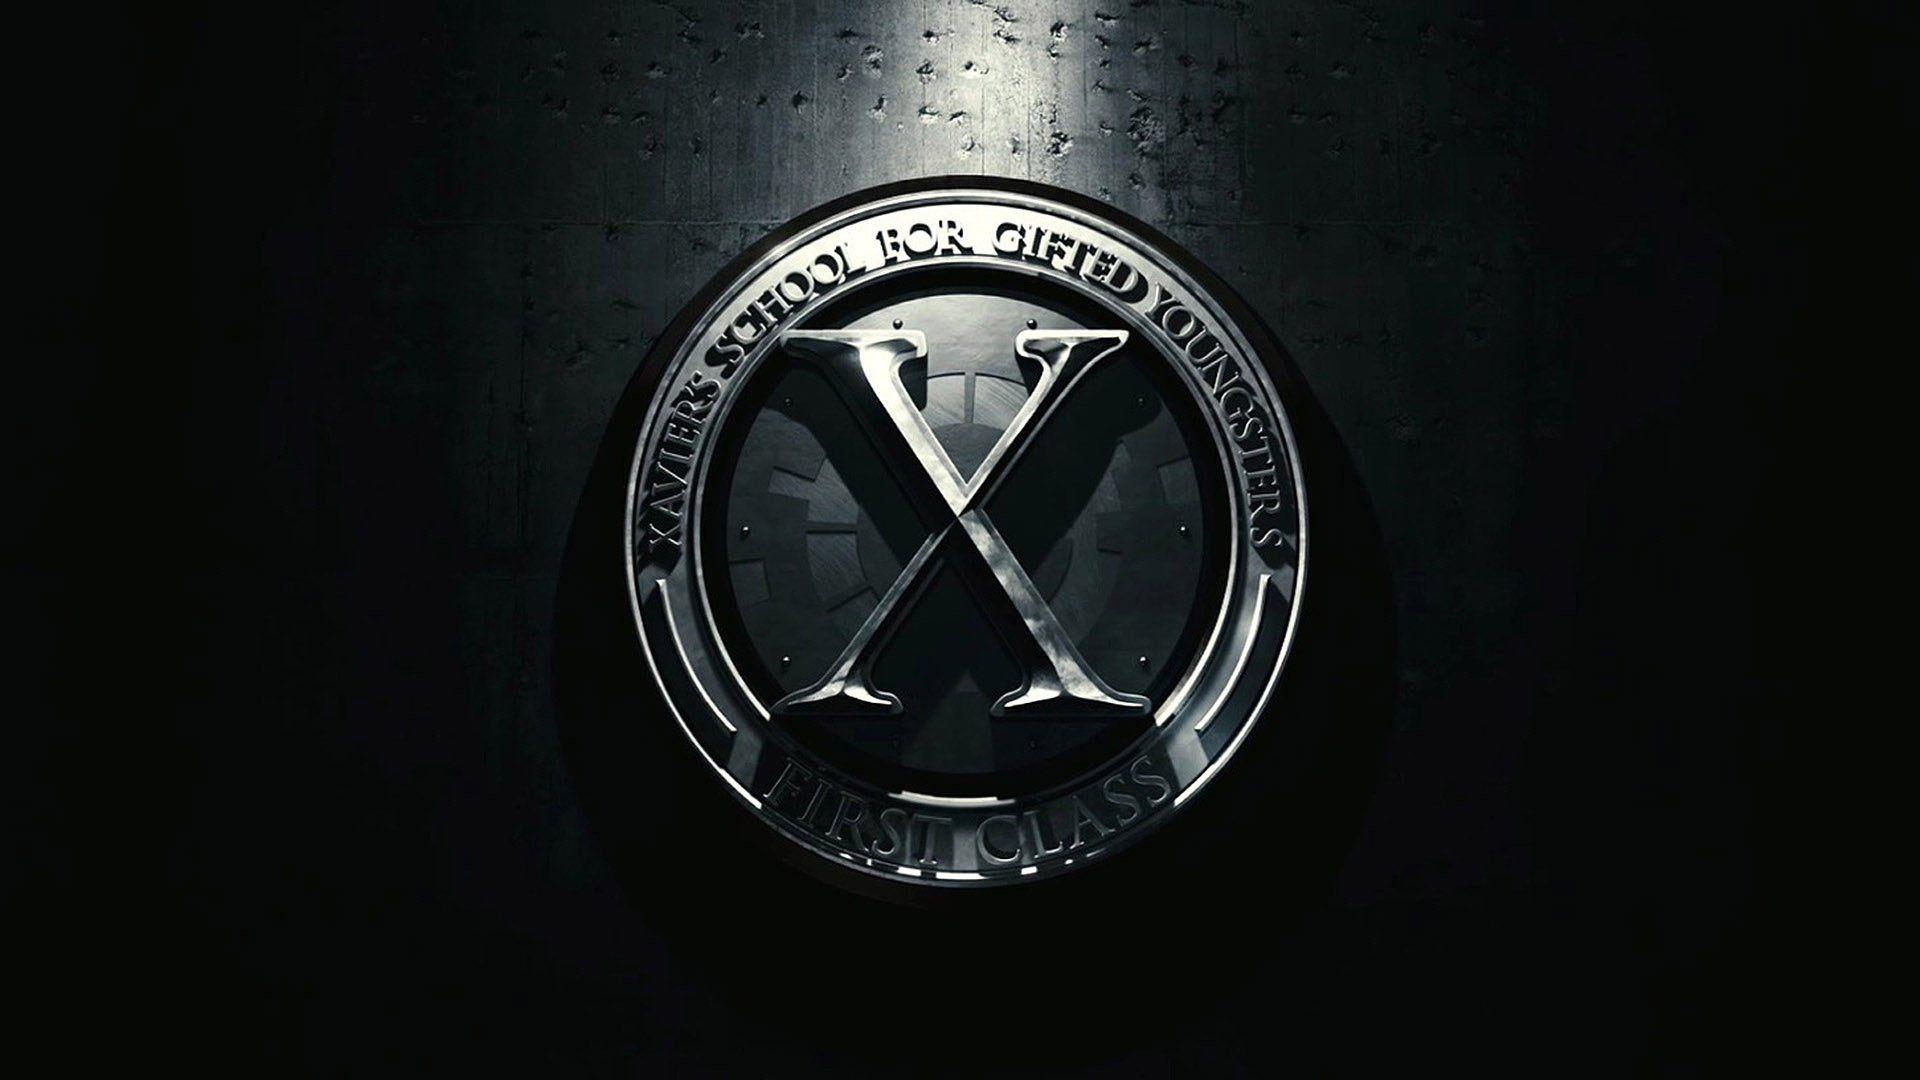 X Men Days Future Past Action Adventure Fantasy Movie Film Comics